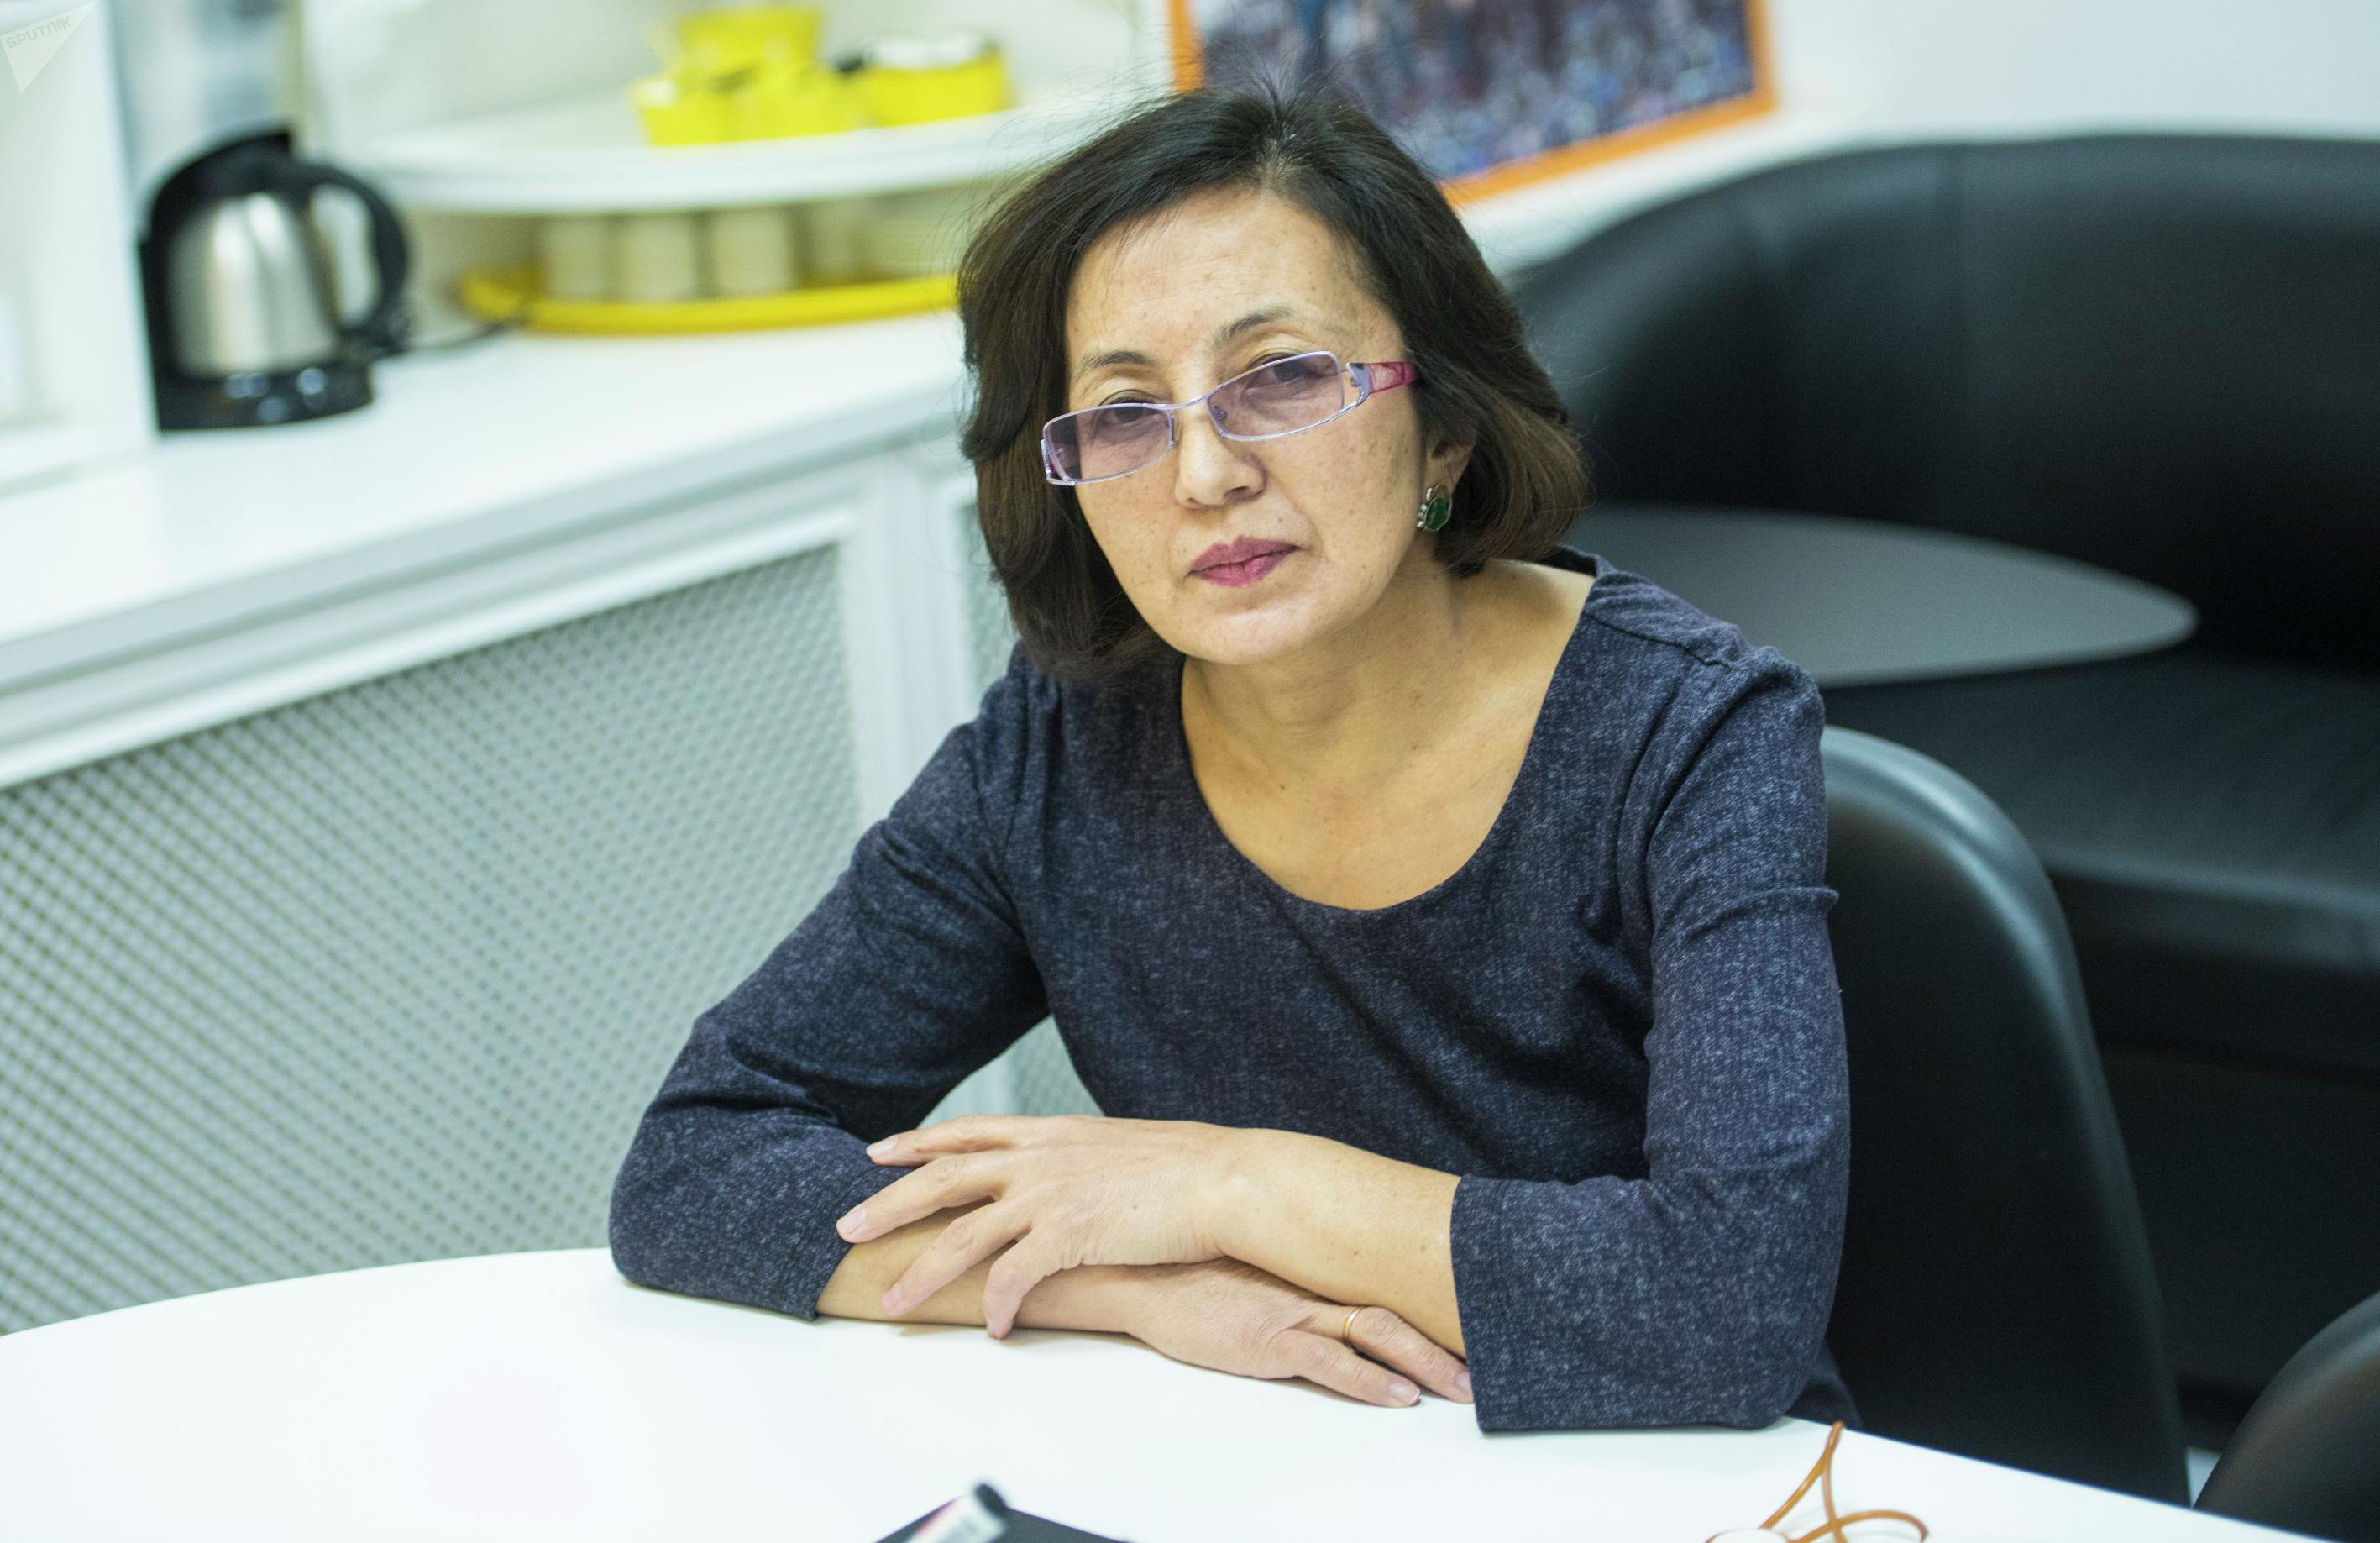 Педиатр Бишкекского ЦСМ №3 Дилара Искакова